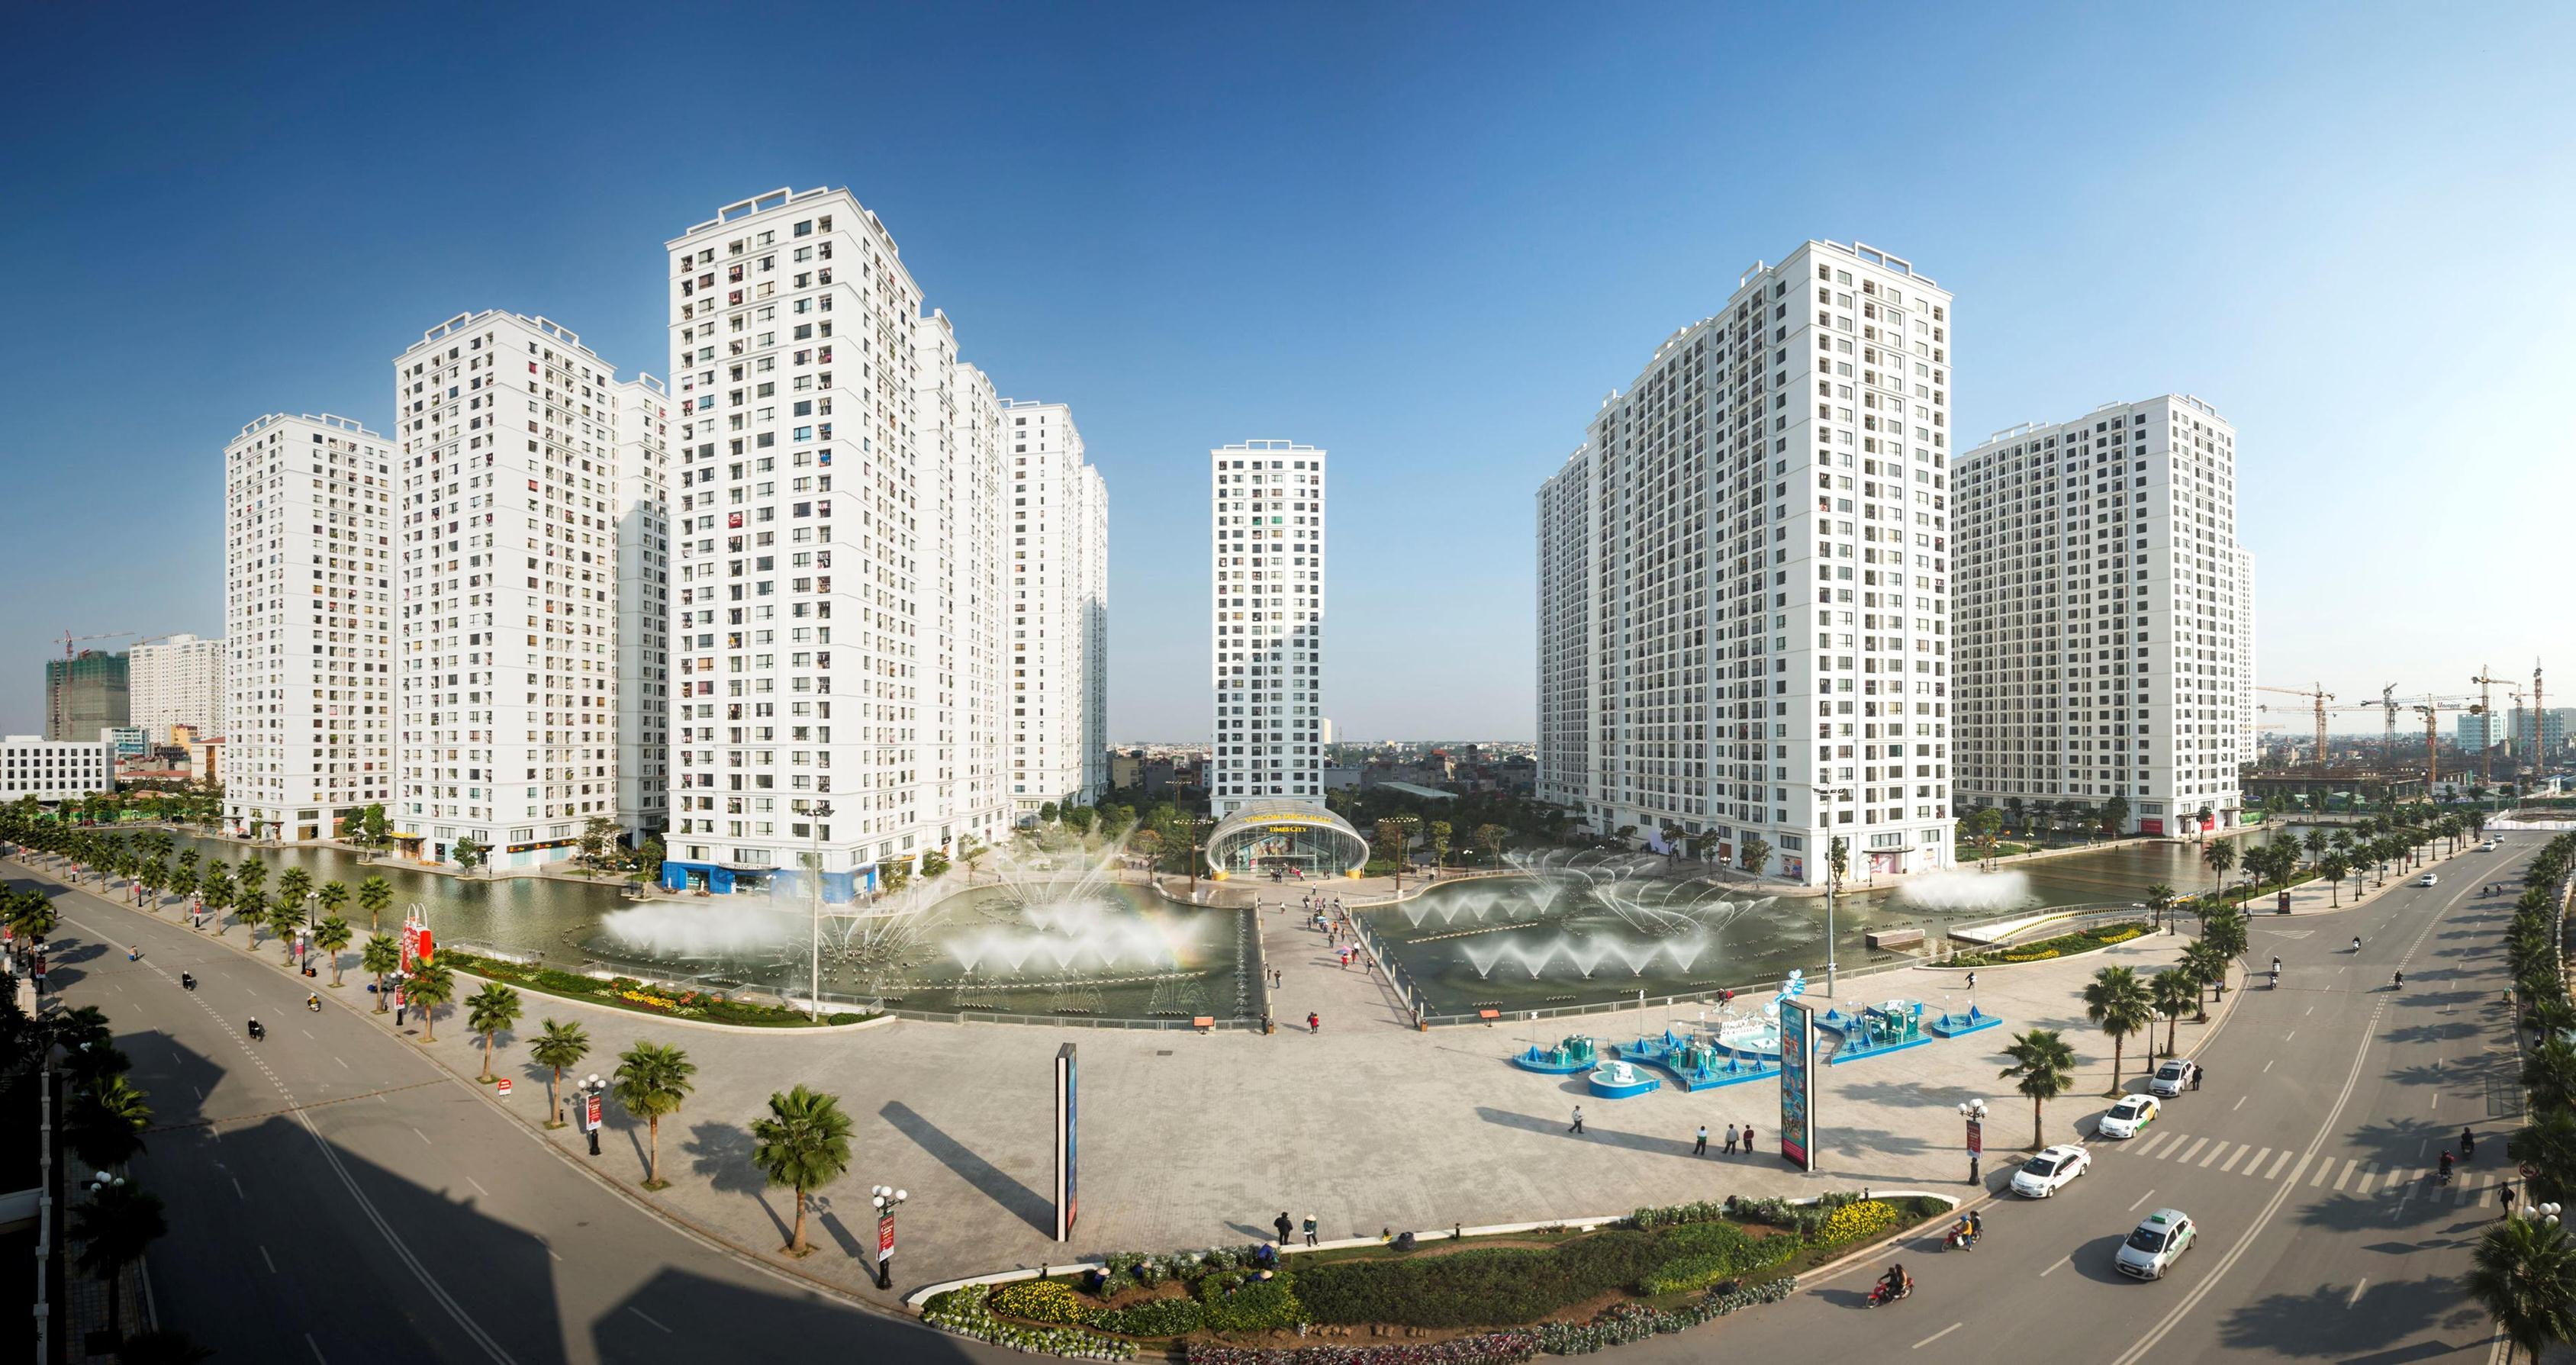 Thương hiệu Vinhomes vừa được tôn vinh là thương hiệu bất động sản đắt giá nhất Việt Nam 2015